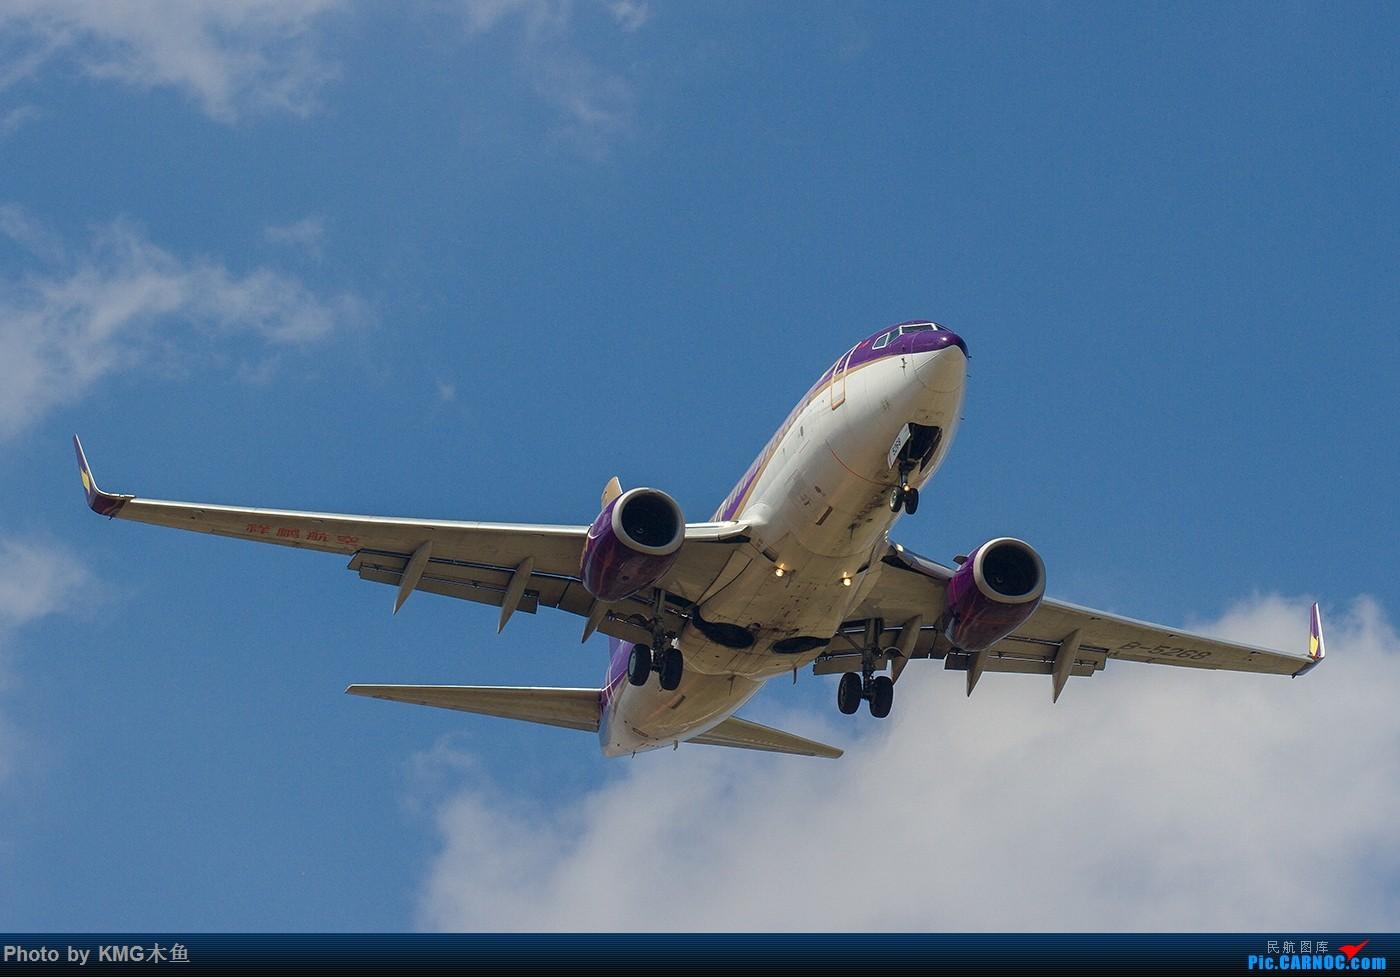 [原创]【昆明飞友会—KMG木鱼】身居山海,心泊天地 BOEING 737-700 B-5268 中国昆明长水国际机场